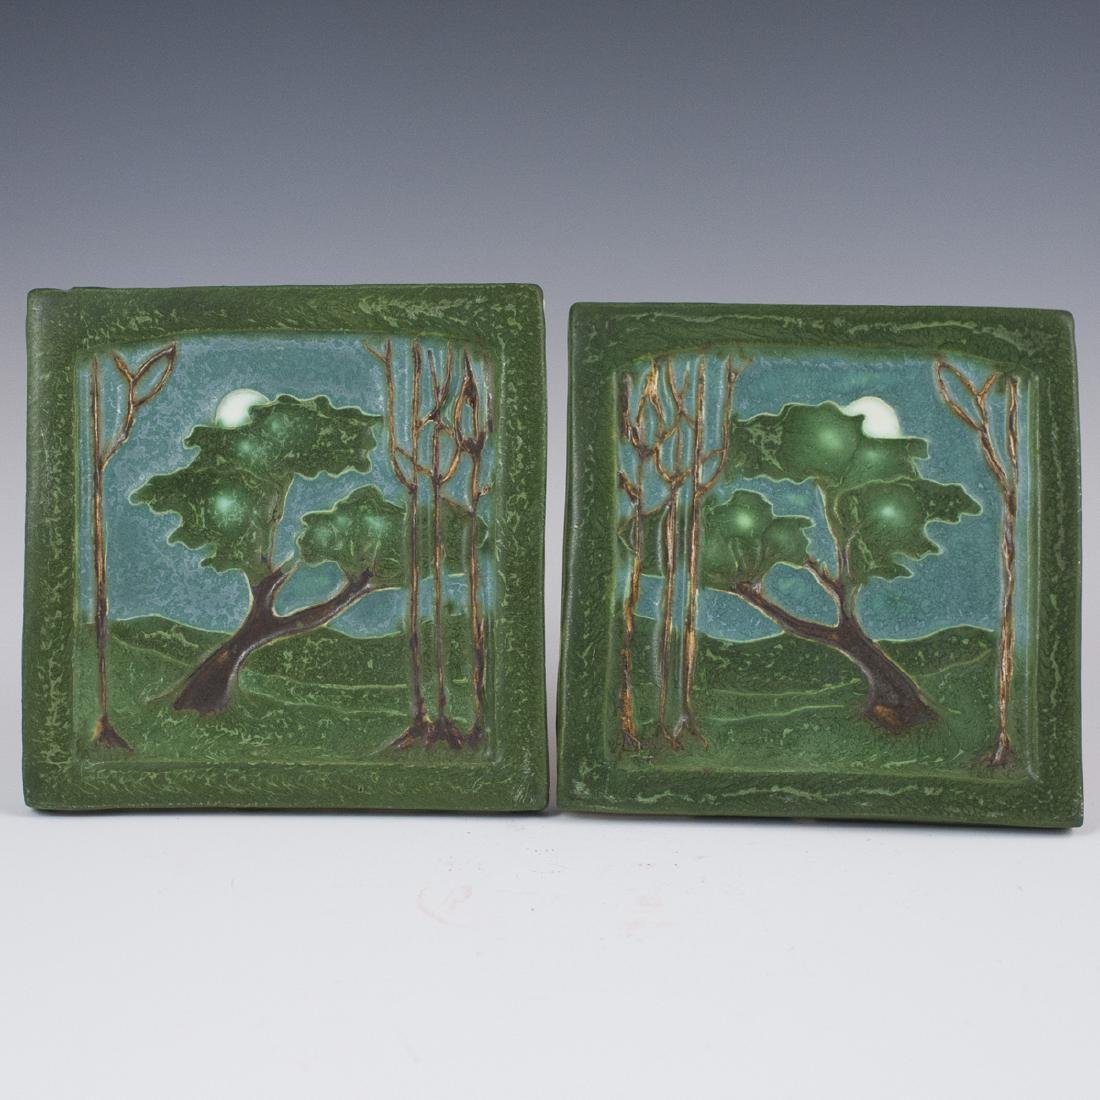 Ephraim Faience Pottery Tiles